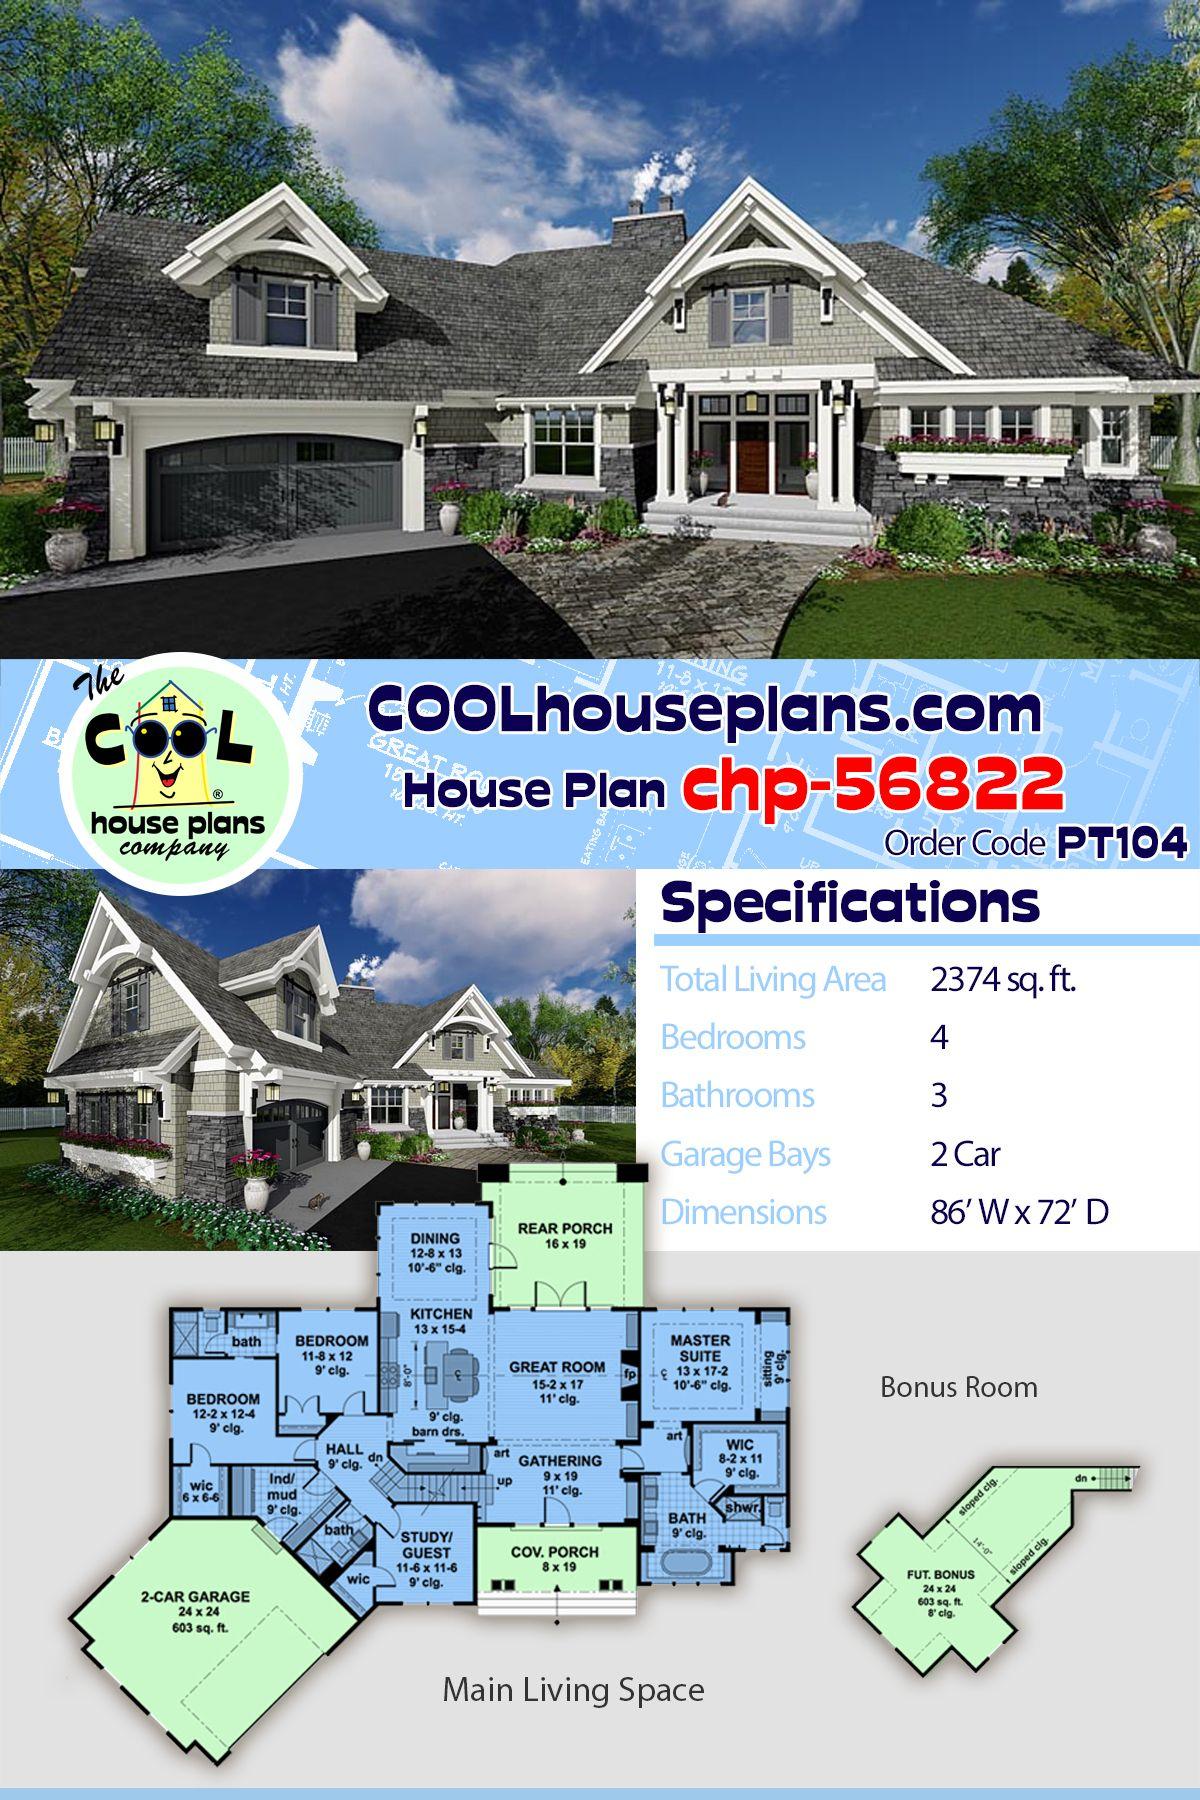 Tudor Style House Plan 42678 With 4 Bed 3 Bath 2 Car Garage Craftsman House Plans House Plans Best House Plans